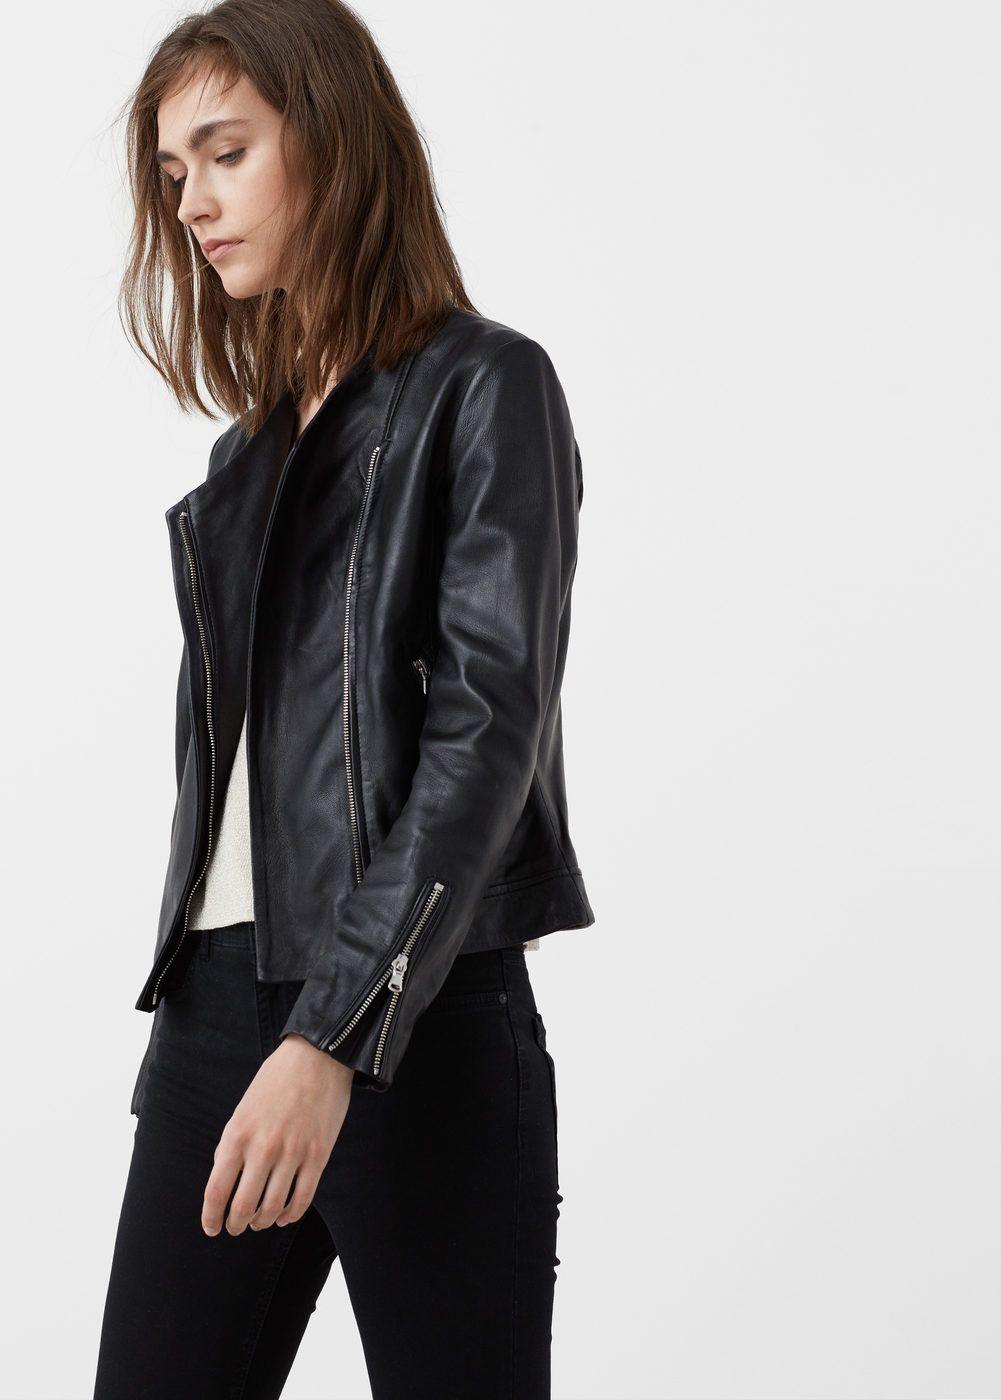 Cazadora Biker Piel Mujer Mango Espana Womens Biker Jacket Jackets For Women Leather Jackets Women [ 1400 x 1001 Pixel ]